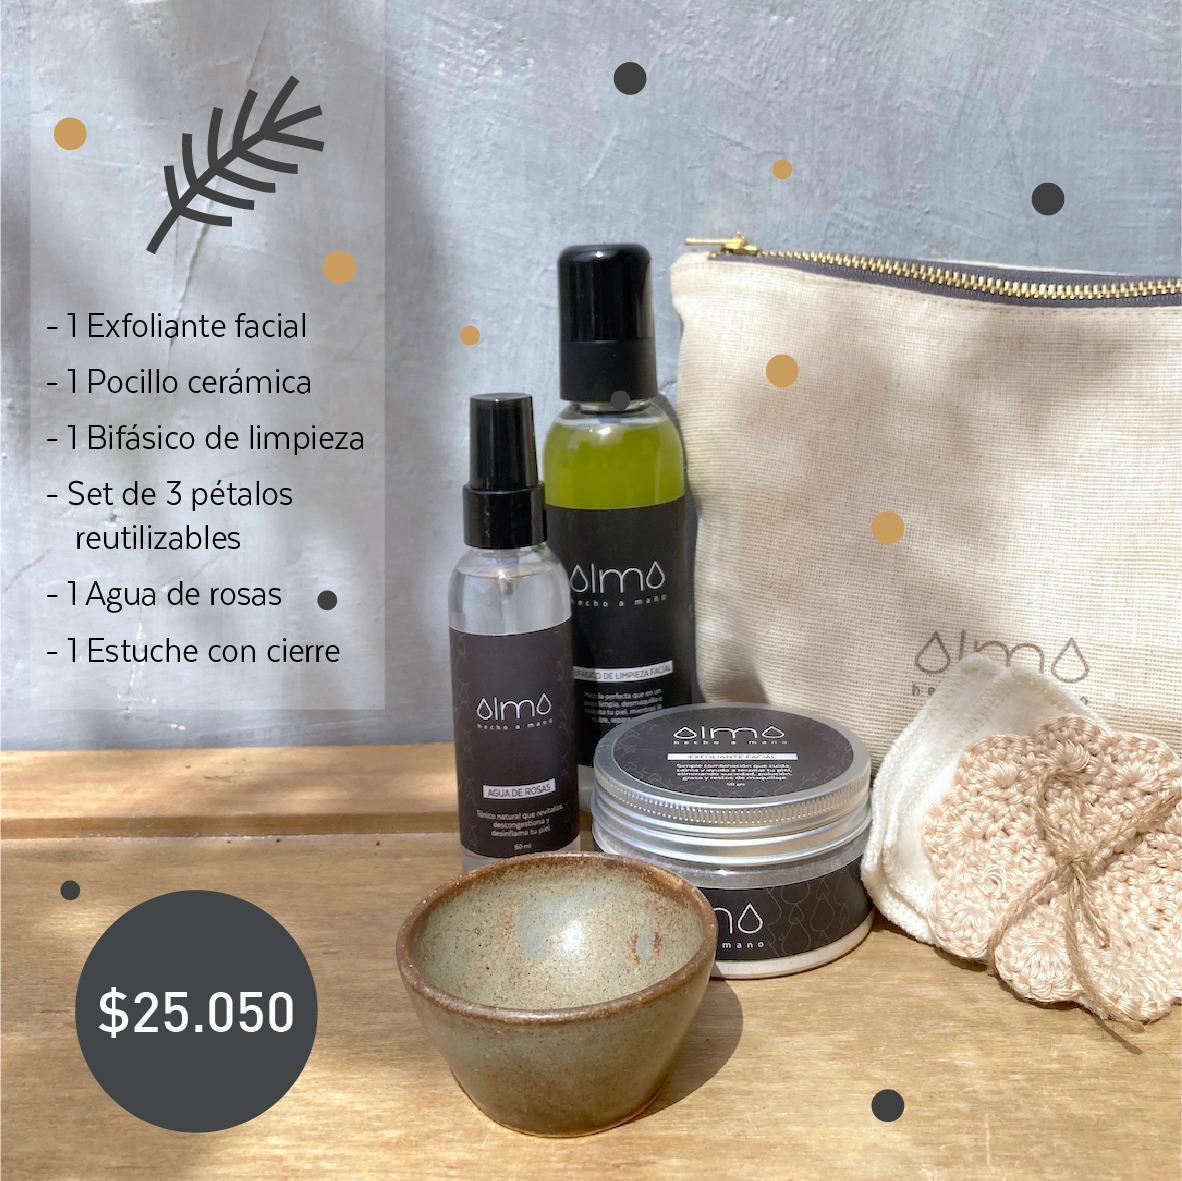 Ideas de regalo: packs de cosmética vegetal Alma 6